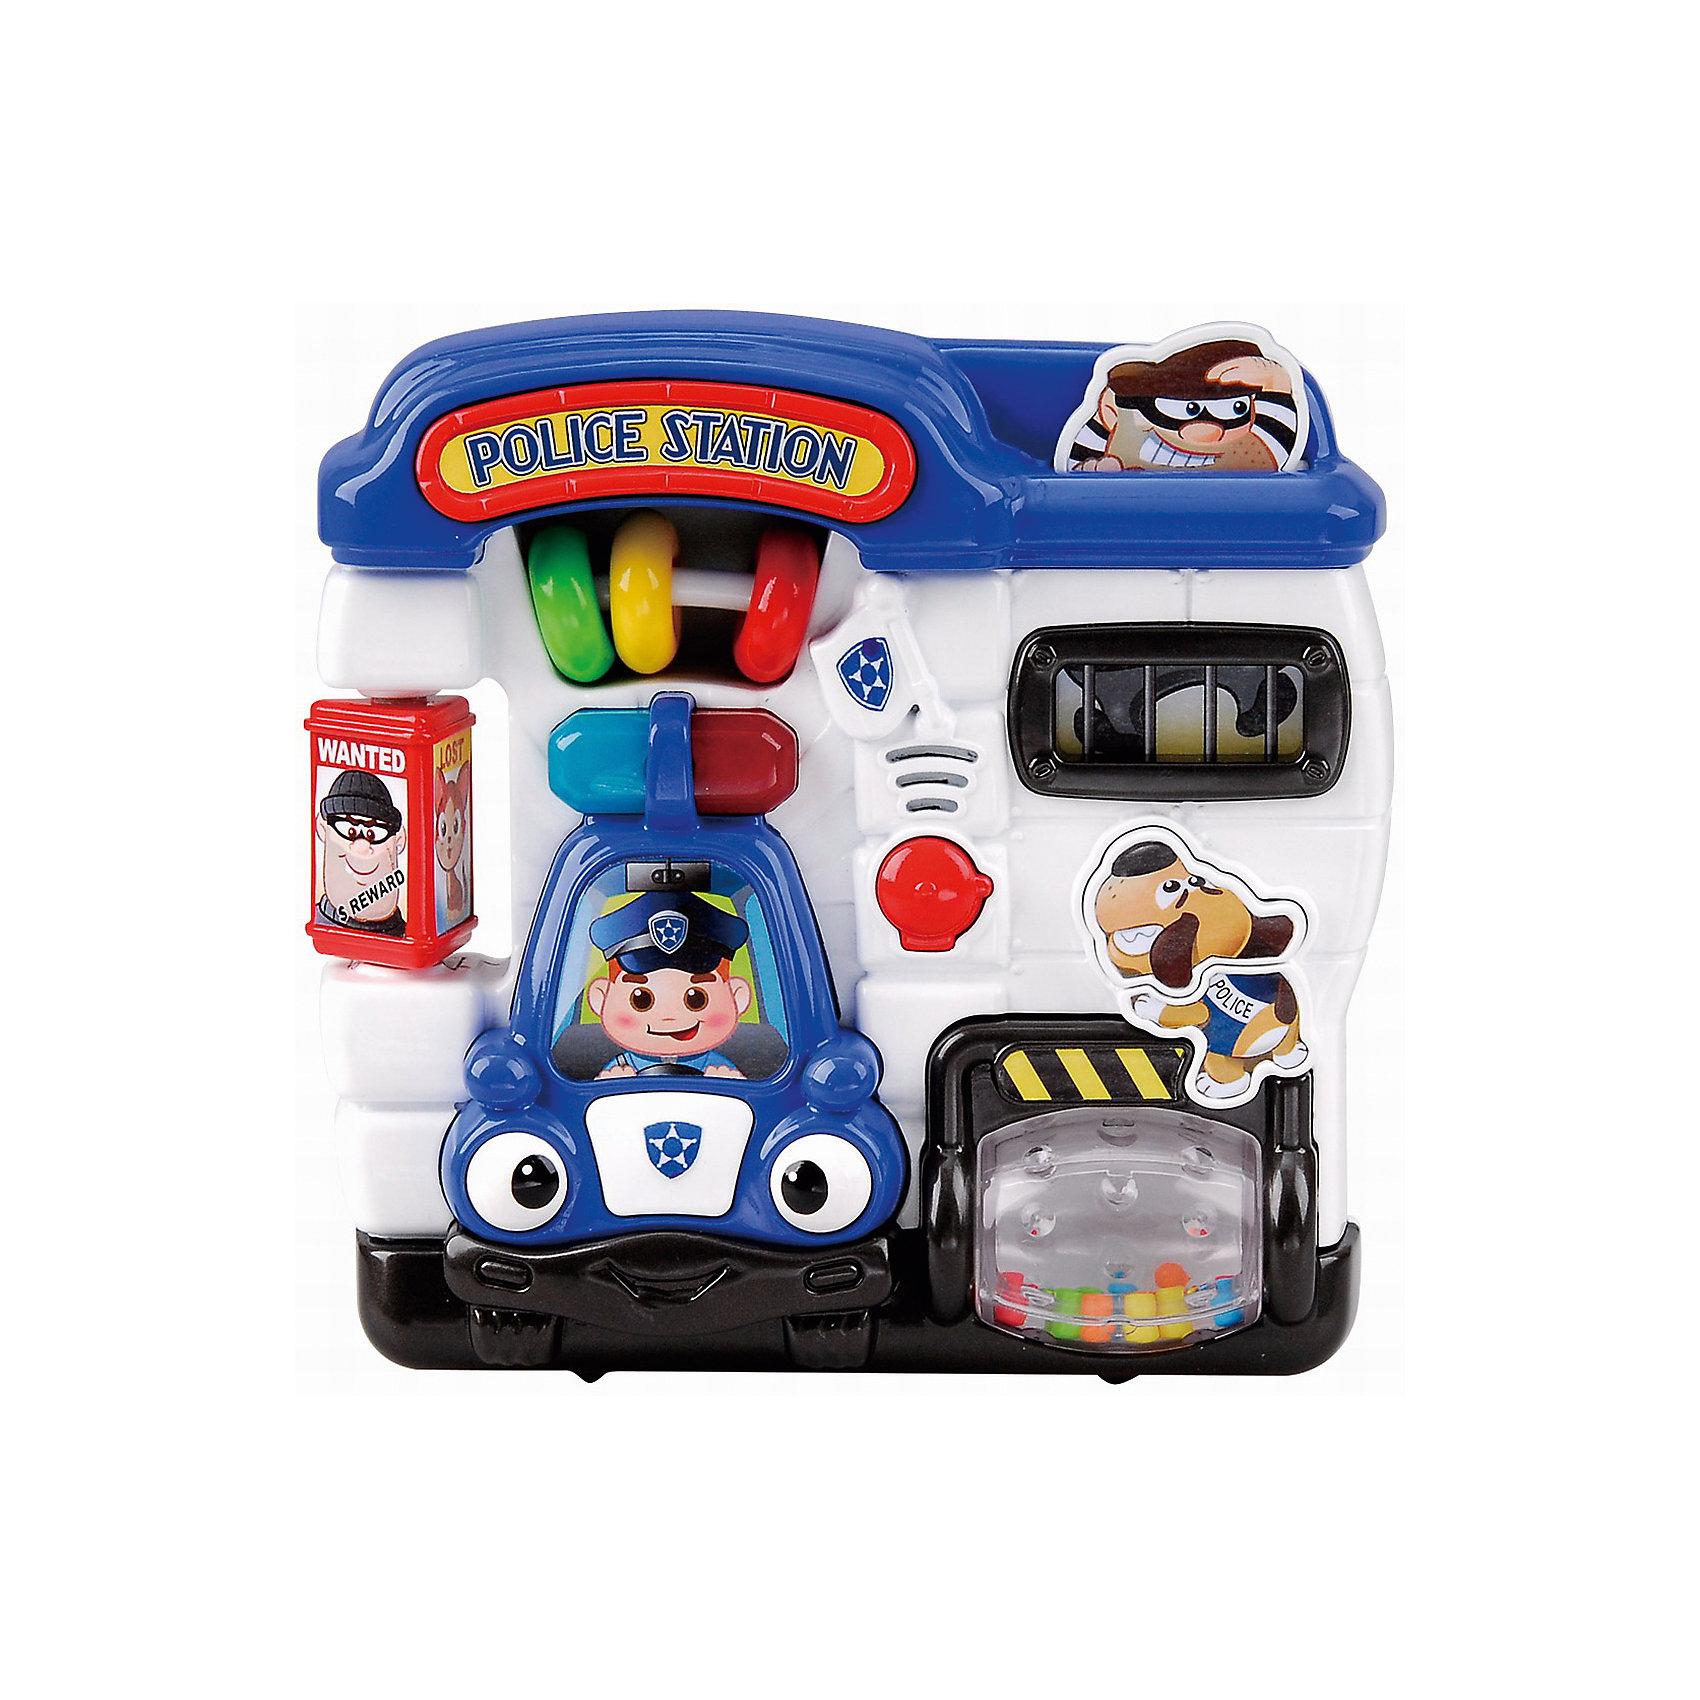 Развивающая игрушка Полицейский участок, PlaygoРазвивающие игрушки<br>Развивающая игрушка Полицейский участок, Playgo<br><br>Характеристики:<br>- Материал: пластик<br>- В комплект входит: игрушка, батарейки 2шт. <br>- Элементы питания: батарейки АА<br>- Размер упаковки: 20 * 5,5 * 21 см.<br>- Вес: 430 гр.<br>Полицейский участок от известного китайского бренда развивающих игрушек для детей Playgo (Плейго) станет прекрасным подарком для крохи. Полицейские, полицейская машина и полицейская собака научат малыша храбрости и покажут как быть настоящим героем. Барабан с нарисованными желтыми полосками крутится, а внутри цветные шарики. Бандита можно посадить в тюрьму, нажав на него. А слева имеется полицейский стенд с объявленными преступниками и пропавшей девочкой. Передвижные колечки в центре понравятся малышу, а нажимая на кнопочки можно послушать песенки и услышать разные звуки по теме. Изготовленная из качественного пластика, яркая игрушка поможет развить тактильные ощущения, звуковое восприятие, воображение, световое восприятие и моторику ручек. Небольшой размер позволит брать веселую игрушку на прогулку или в поездку.<br>Развивающую игрушку Полицейский участок, Playgo (Плейго) можно купить в нашем интернет-магазине.<br>Подробнее:<br>• Для детей в возрасте: от 6 до 24 месяцев <br>• Номер товара: 5054060<br>Страна производитель: Китай<br><br>Ширина мм: 210<br>Глубина мм: 200<br>Высота мм: 55<br>Вес г: 430<br>Возраст от месяцев: 6<br>Возраст до месяцев: 24<br>Пол: Унисекс<br>Возраст: Детский<br>SKU: 5054060